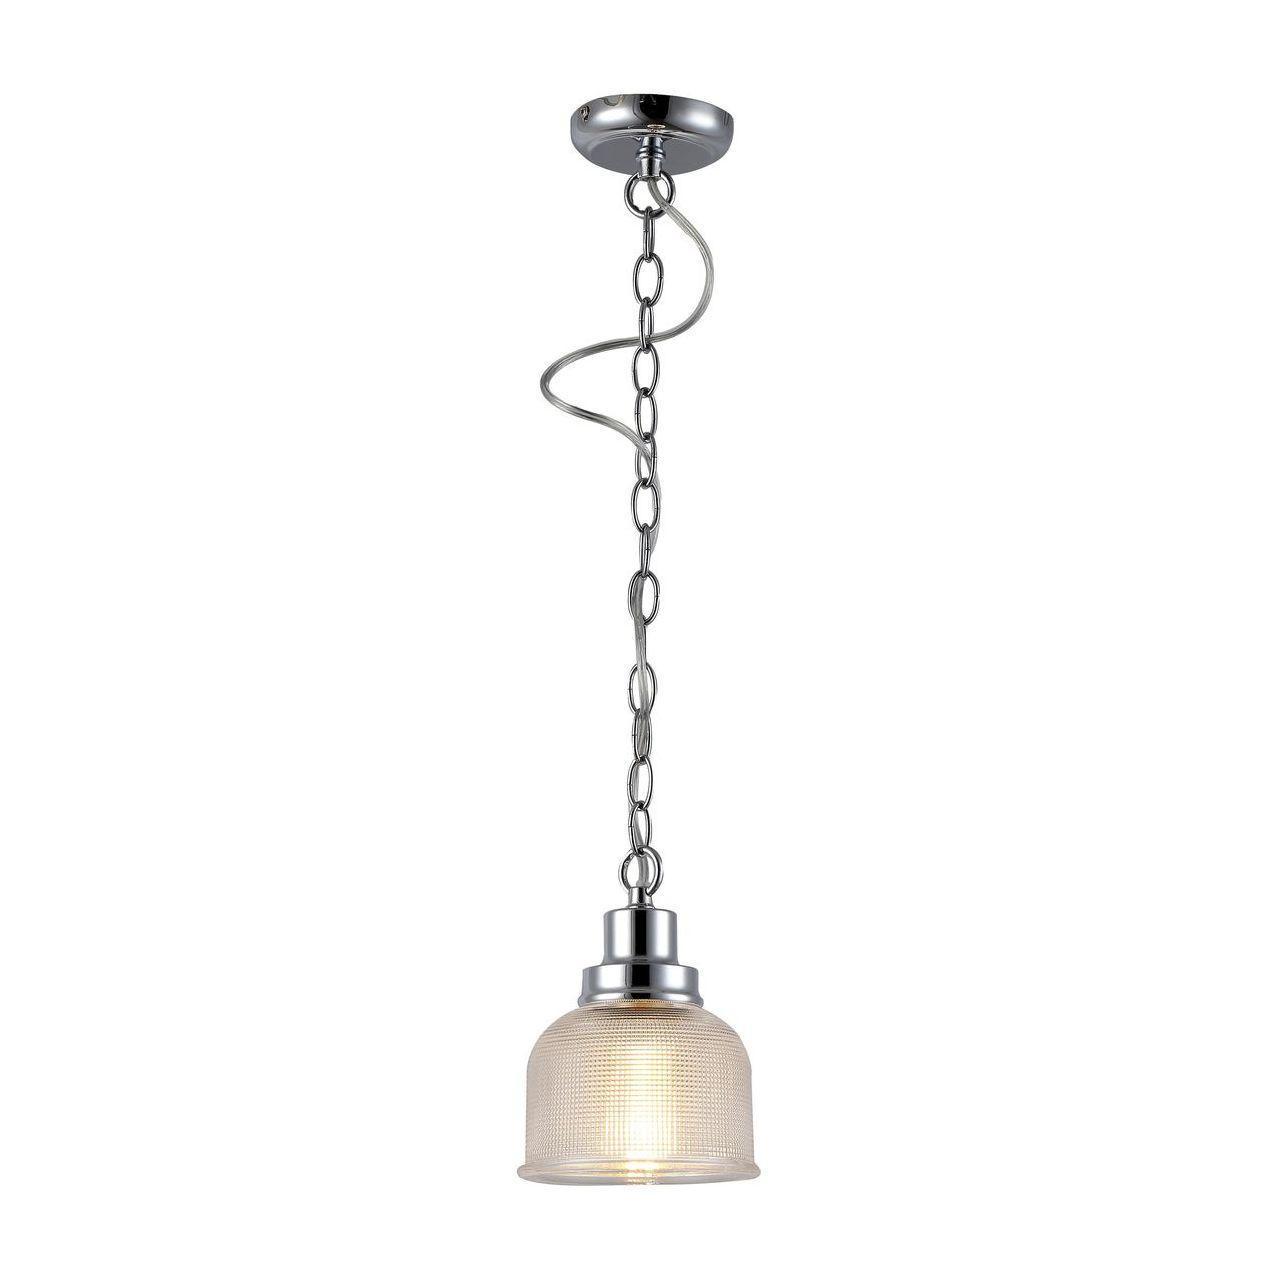 Подвесной светильник Arte Lamp A9186SP-1CC [vw20t] denso свеча зажигания denso